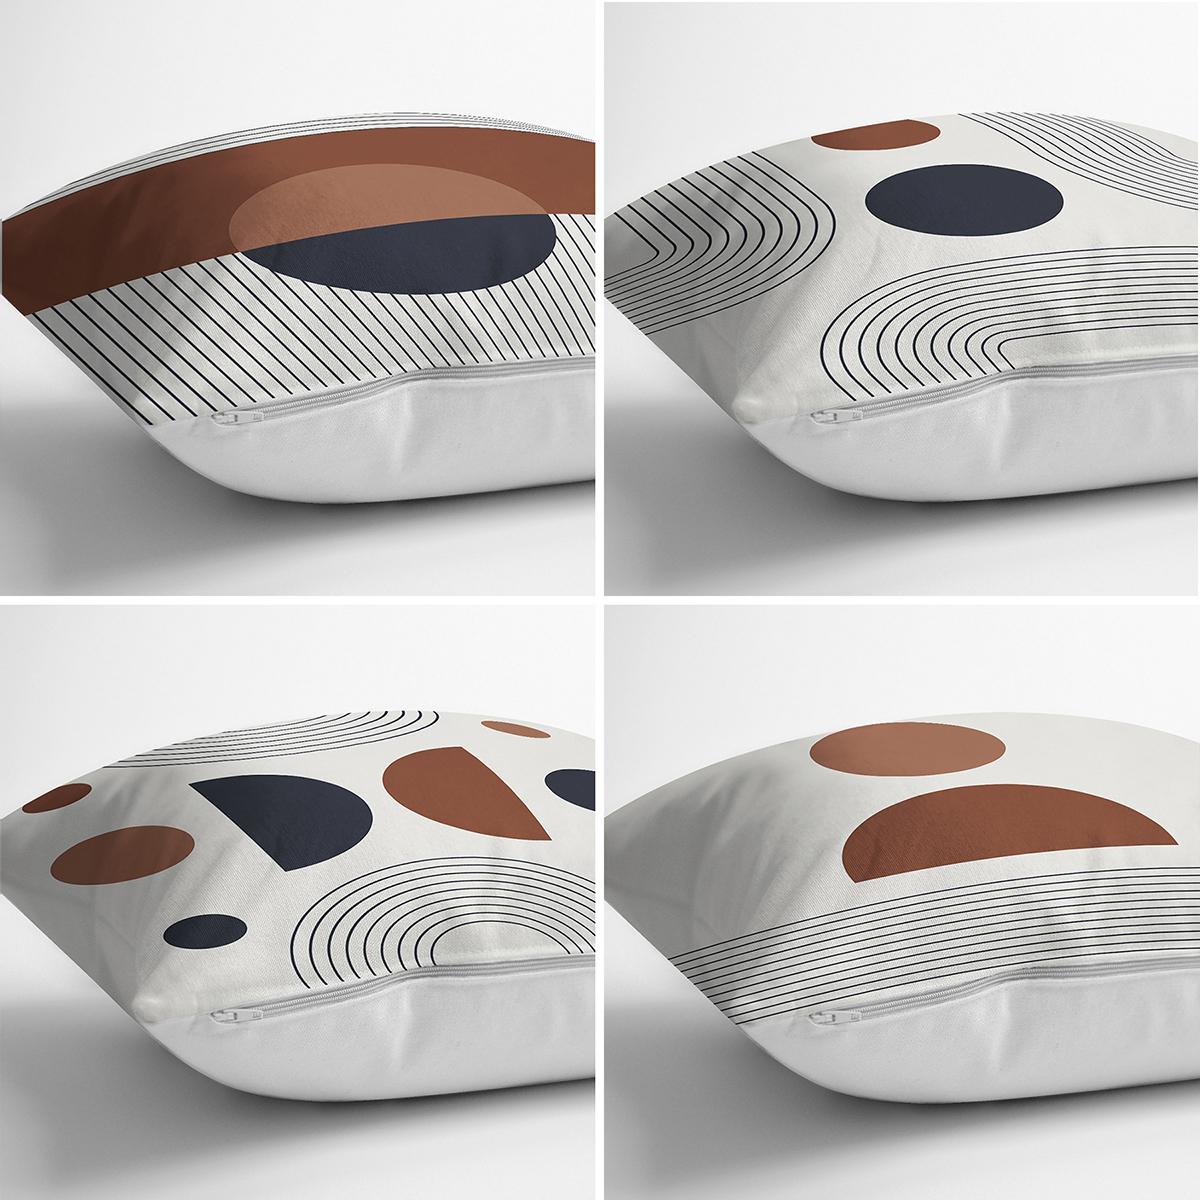 4'lü Özel Tasarım İskandinav Motifli Dijital Baskılı Modern Kırlent Kılıfı Seti Realhomes